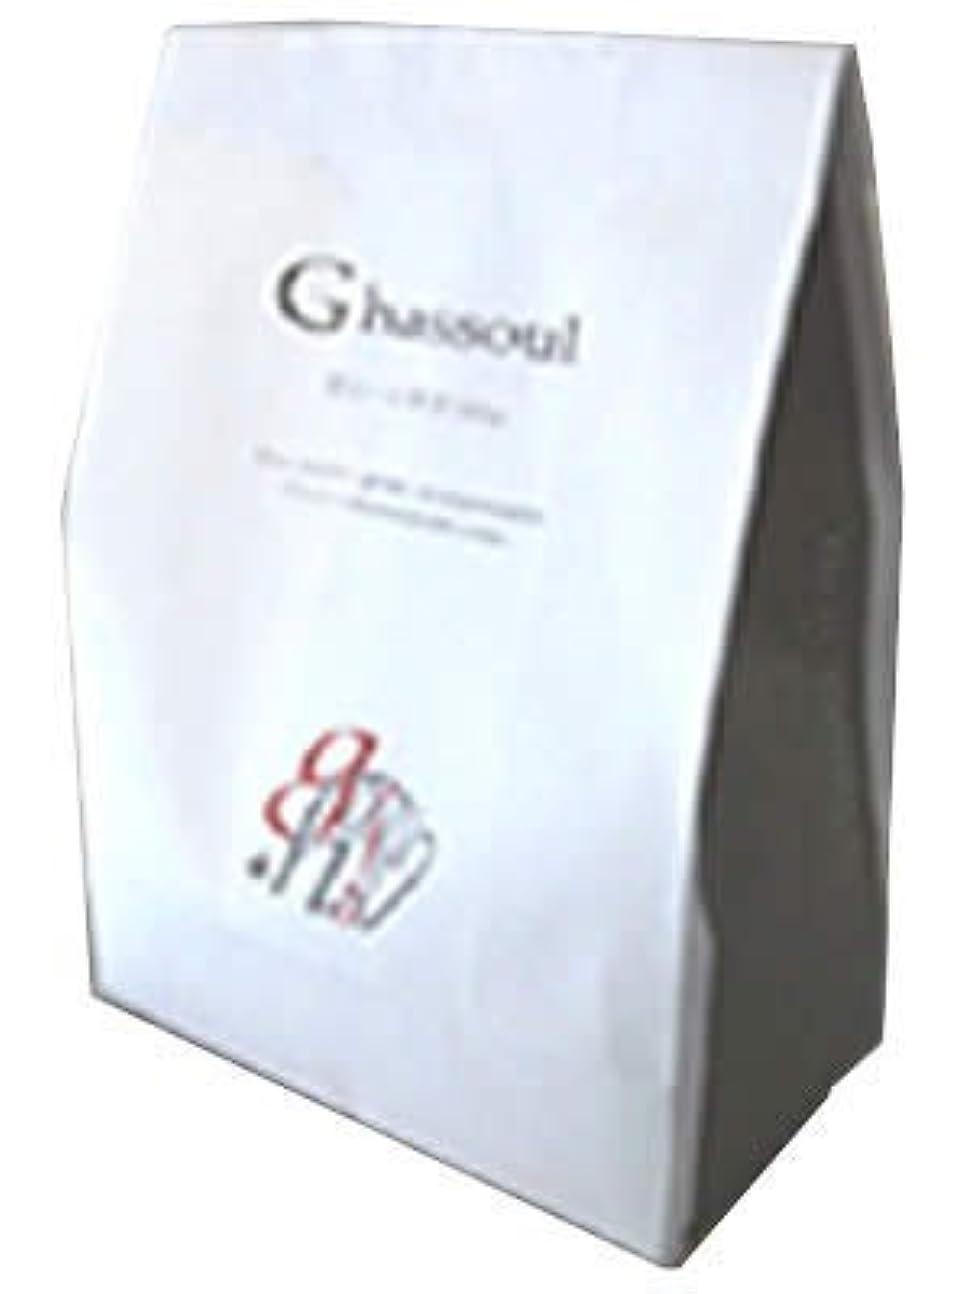 確かな曲心配ナイアード ガスール固形(タブレット)タイプ 500g